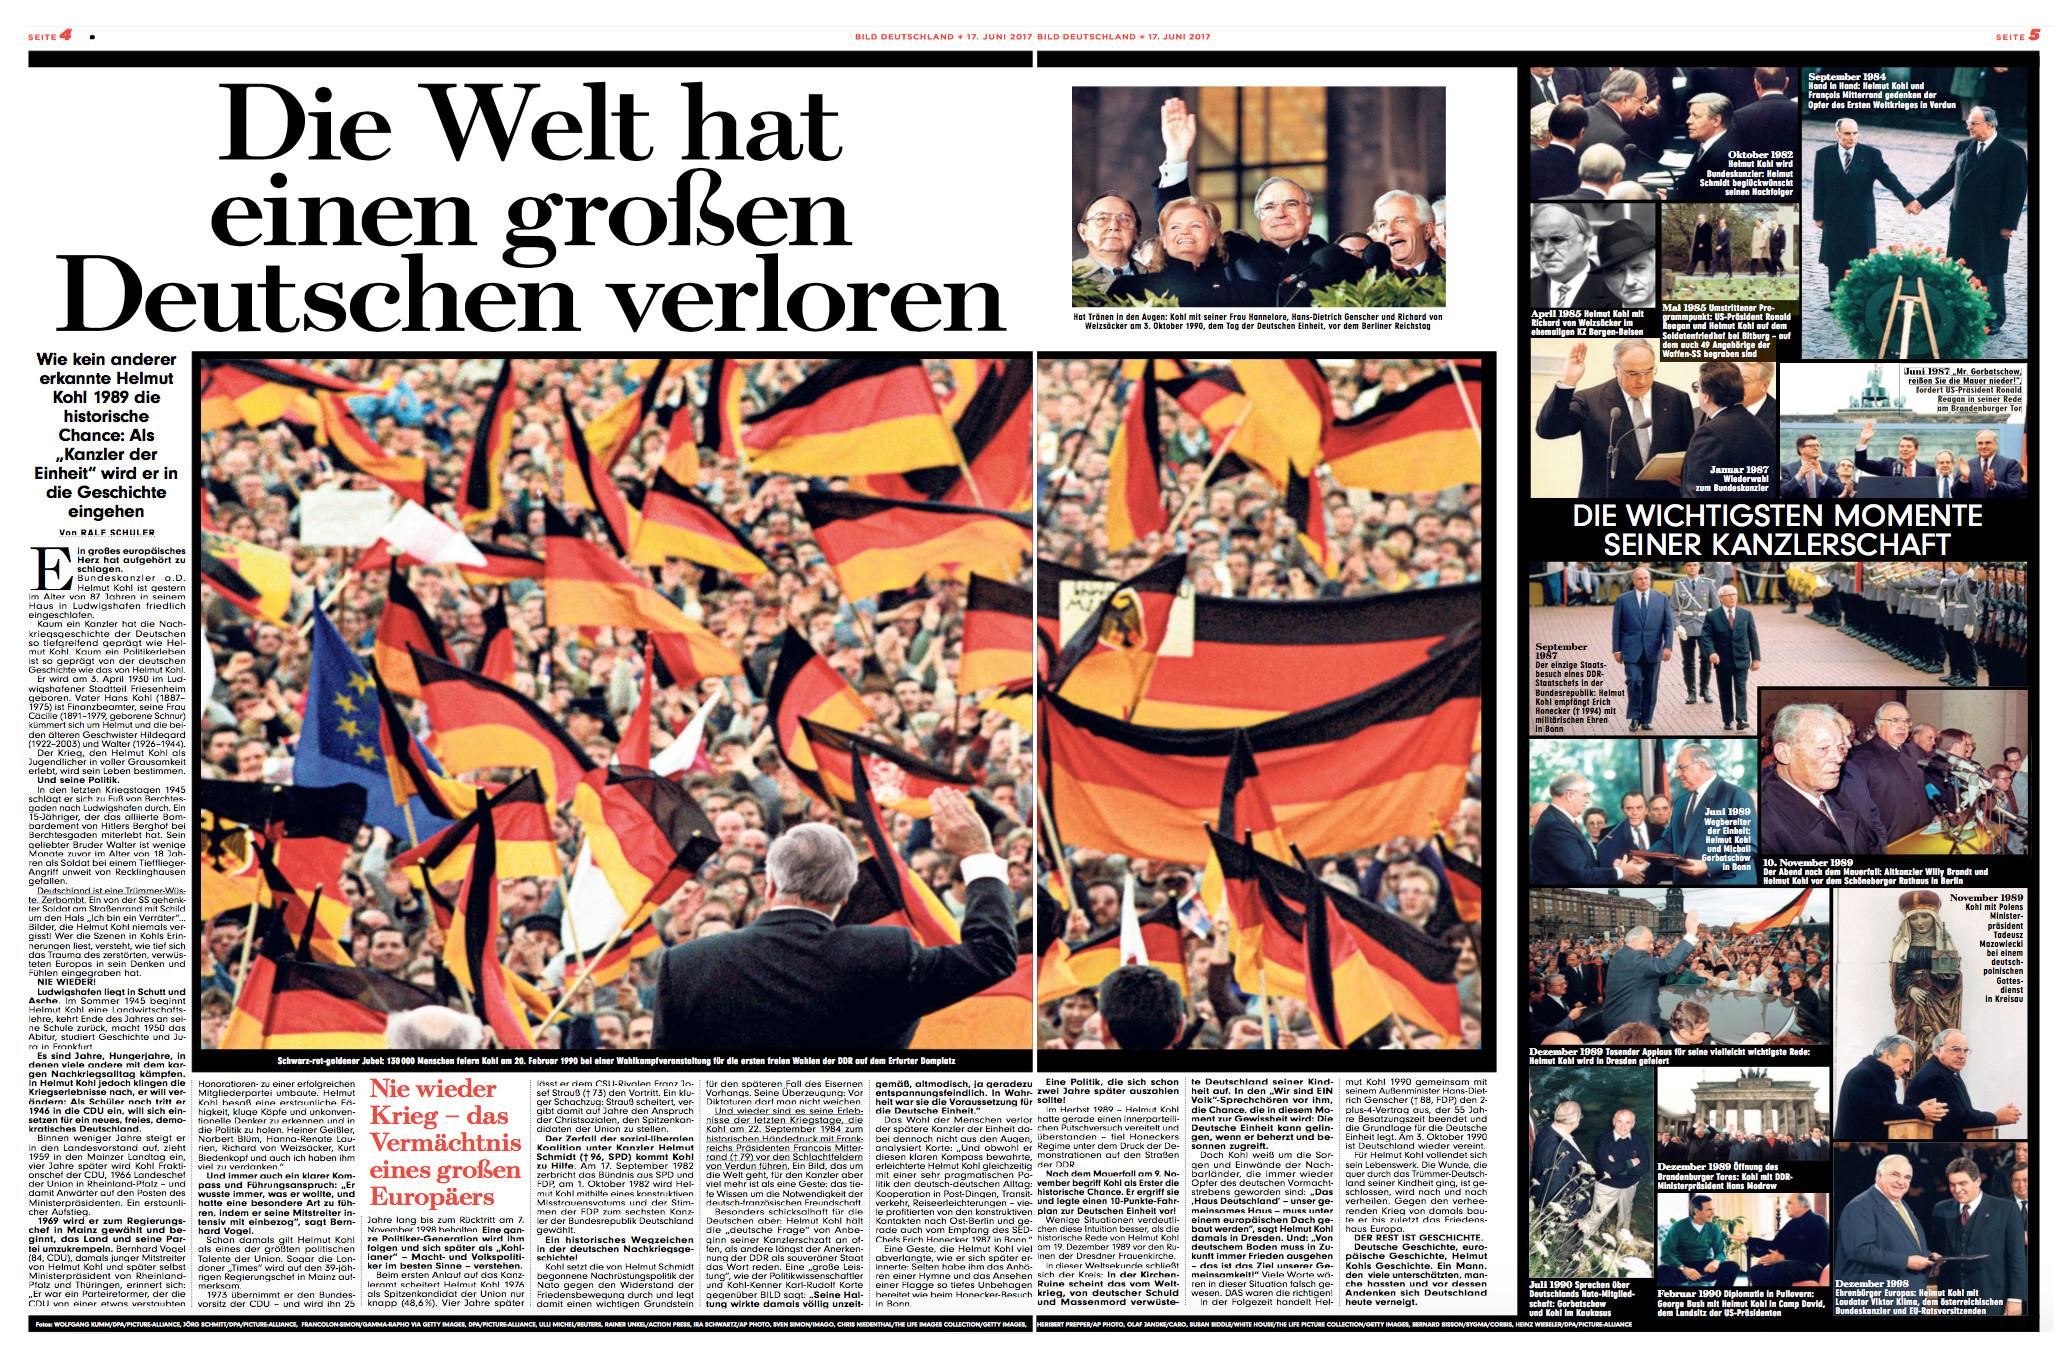 """Doppelseite aus """"Bild"""" vom 17.6.2017 mit vielen Fotos von Helmut Kohl und der Text-Überschrift: """"Die Welt hat einen großen Deutschen verloren"""""""